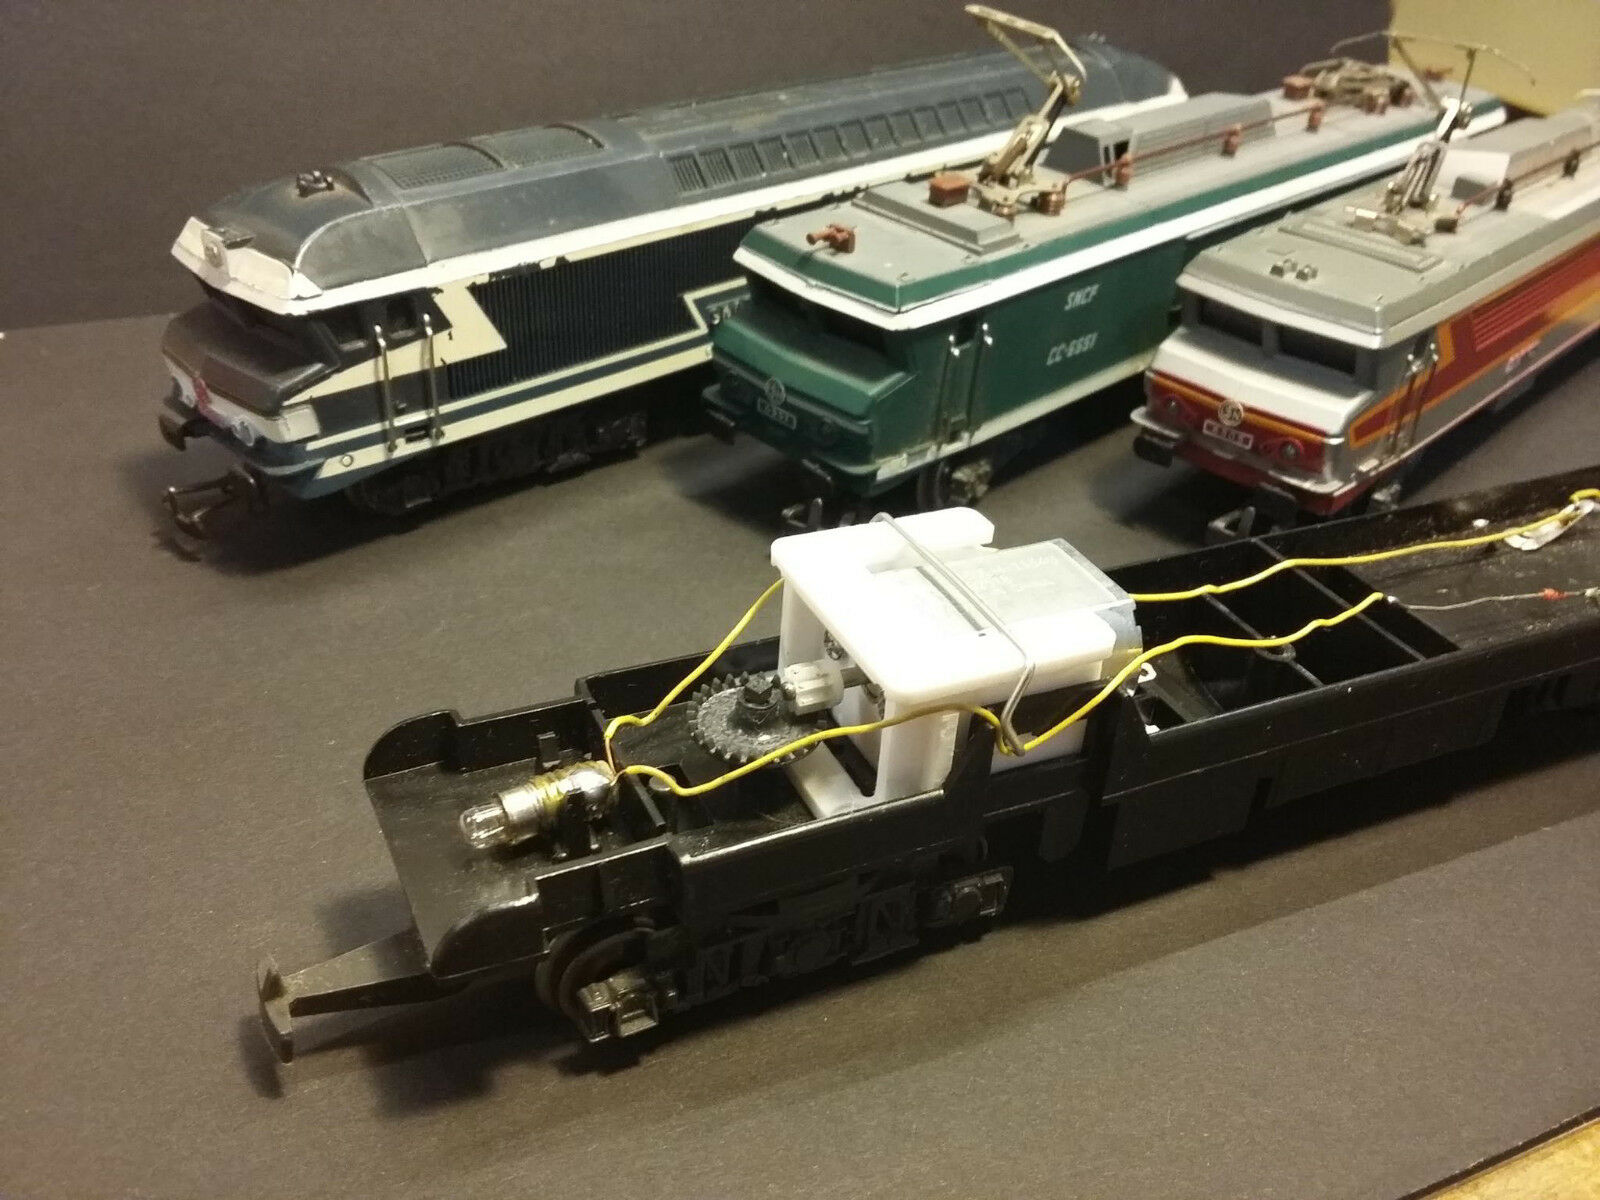 Kit moteur pour re-motorisation des locomotives Jouef Jouef Jouef HO CC 72001, CC 6505, 6551 9e30f8